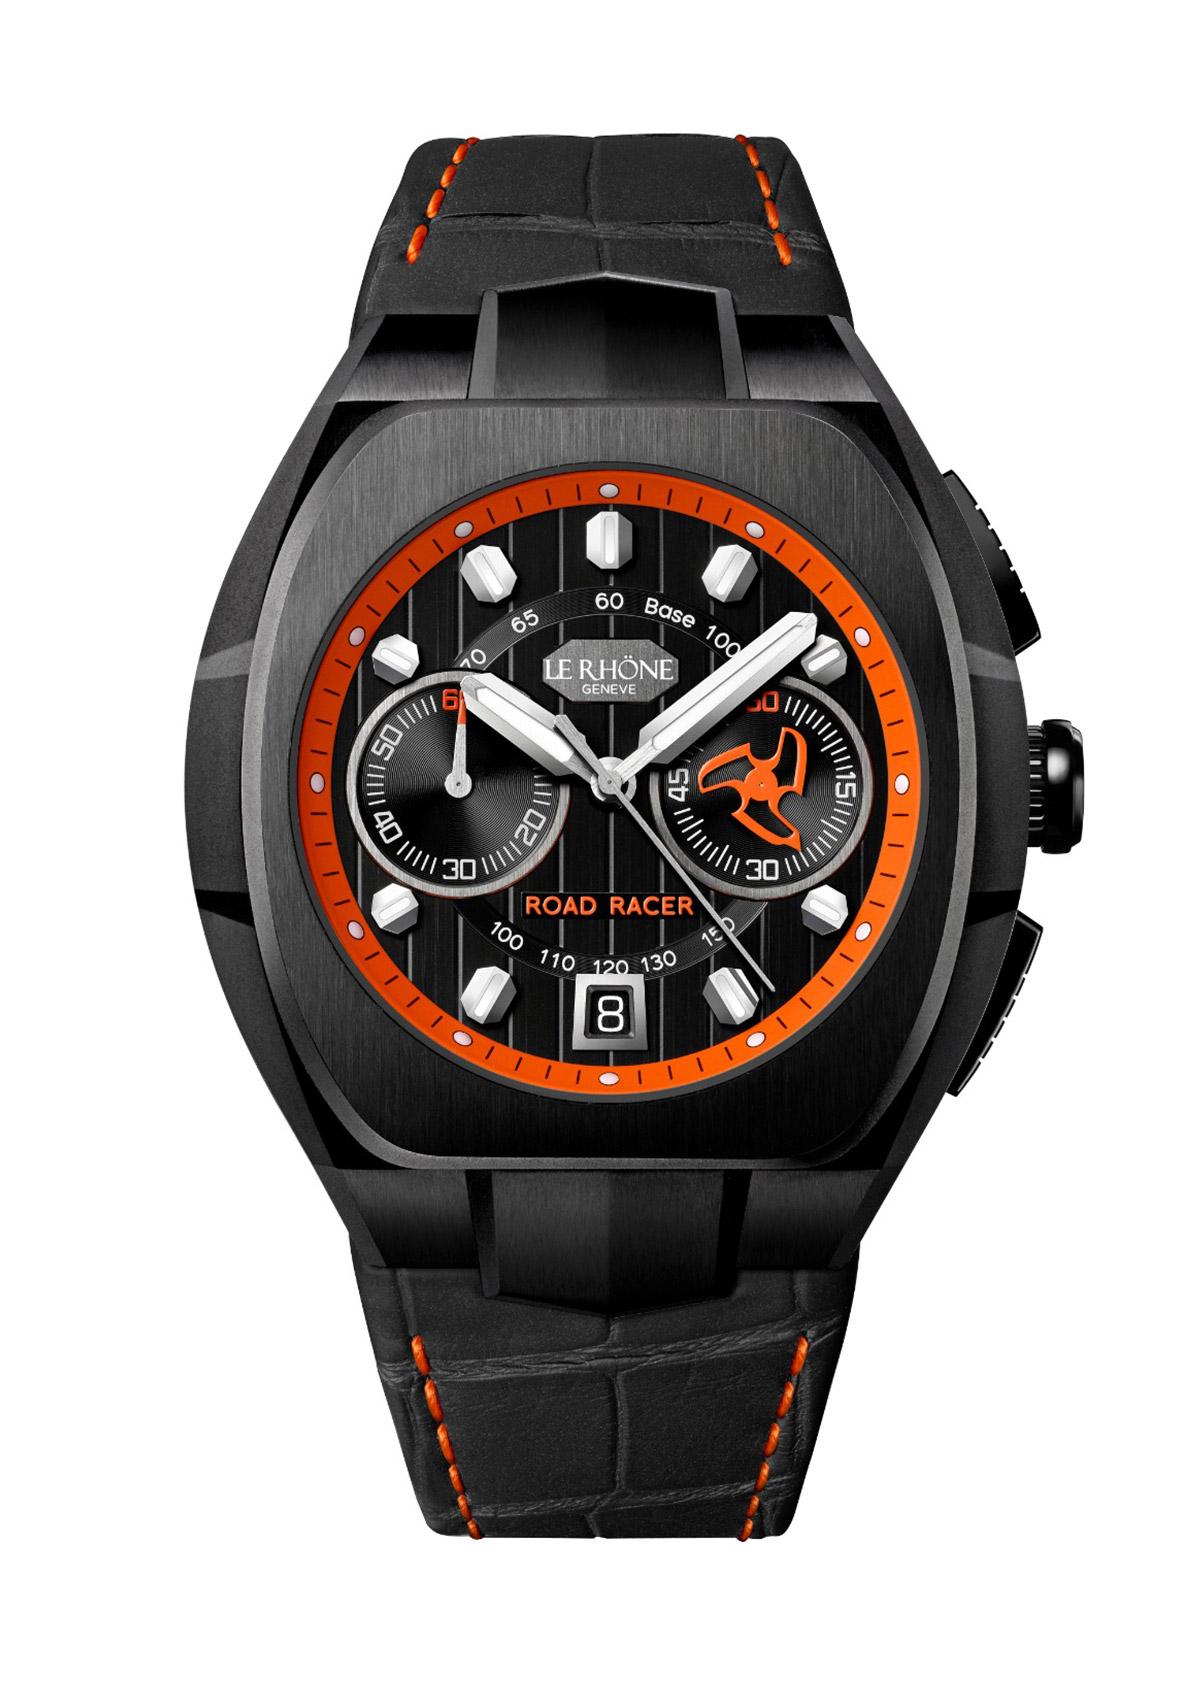 road-racer-le-rhone-watch-R1DD09O-1-A9OD